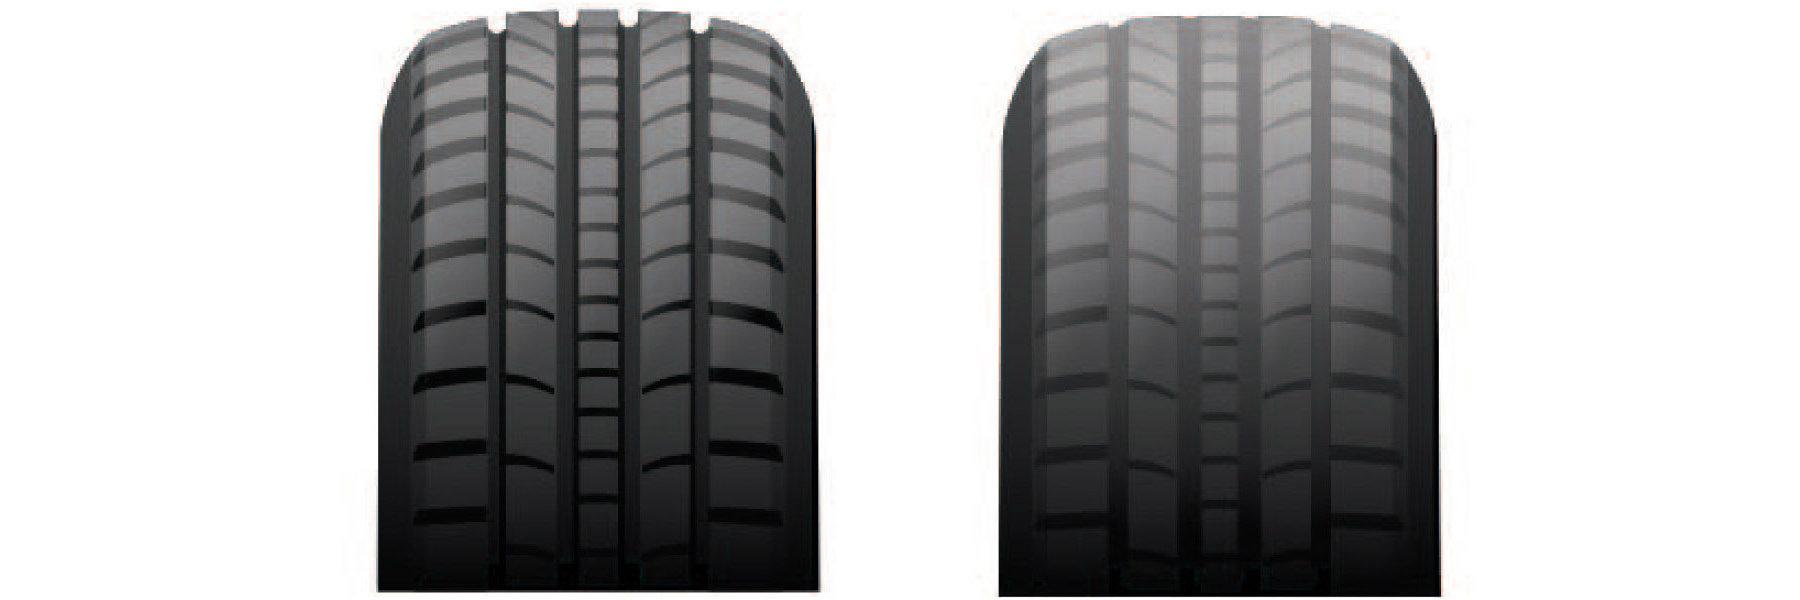 Tire tread depth comparison.